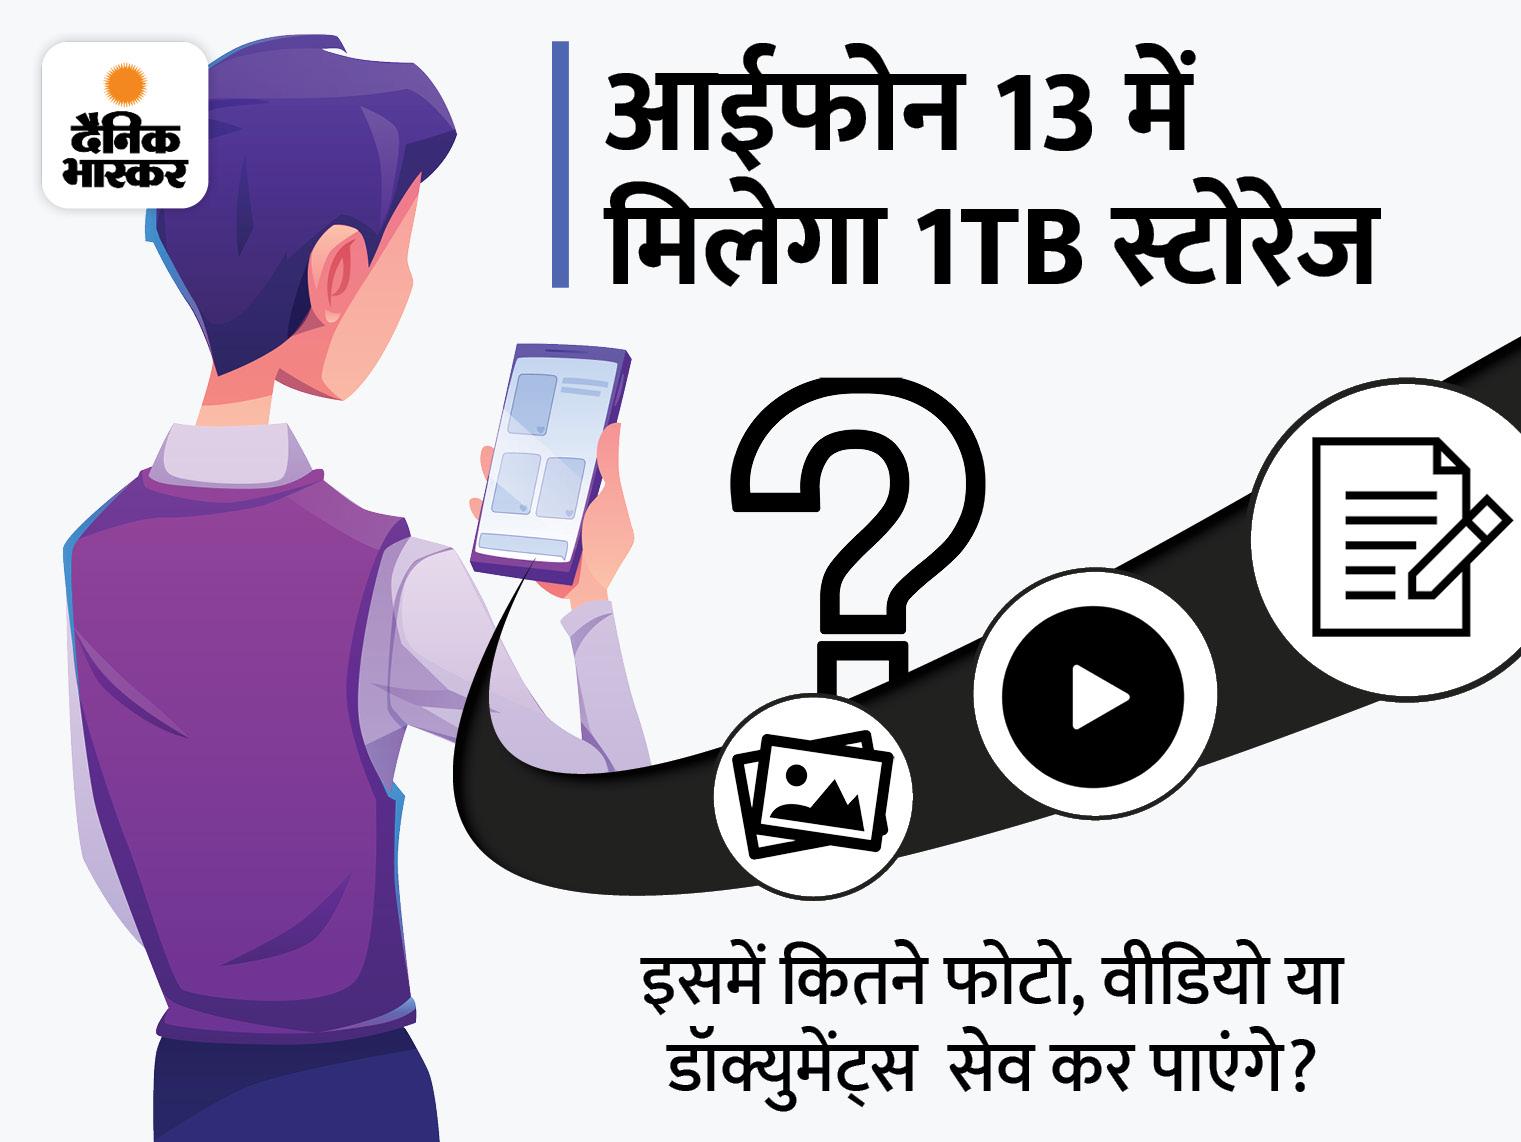 आईफोन 13 में 1TB स्टोरेज दे सकती है एपल, जानिए इतने स्टोरेज में कितने फोटो और वीडियो कर पाएंगे सेव?|टेक & ऑटो,Tech & Auto - Dainik Bhaskar